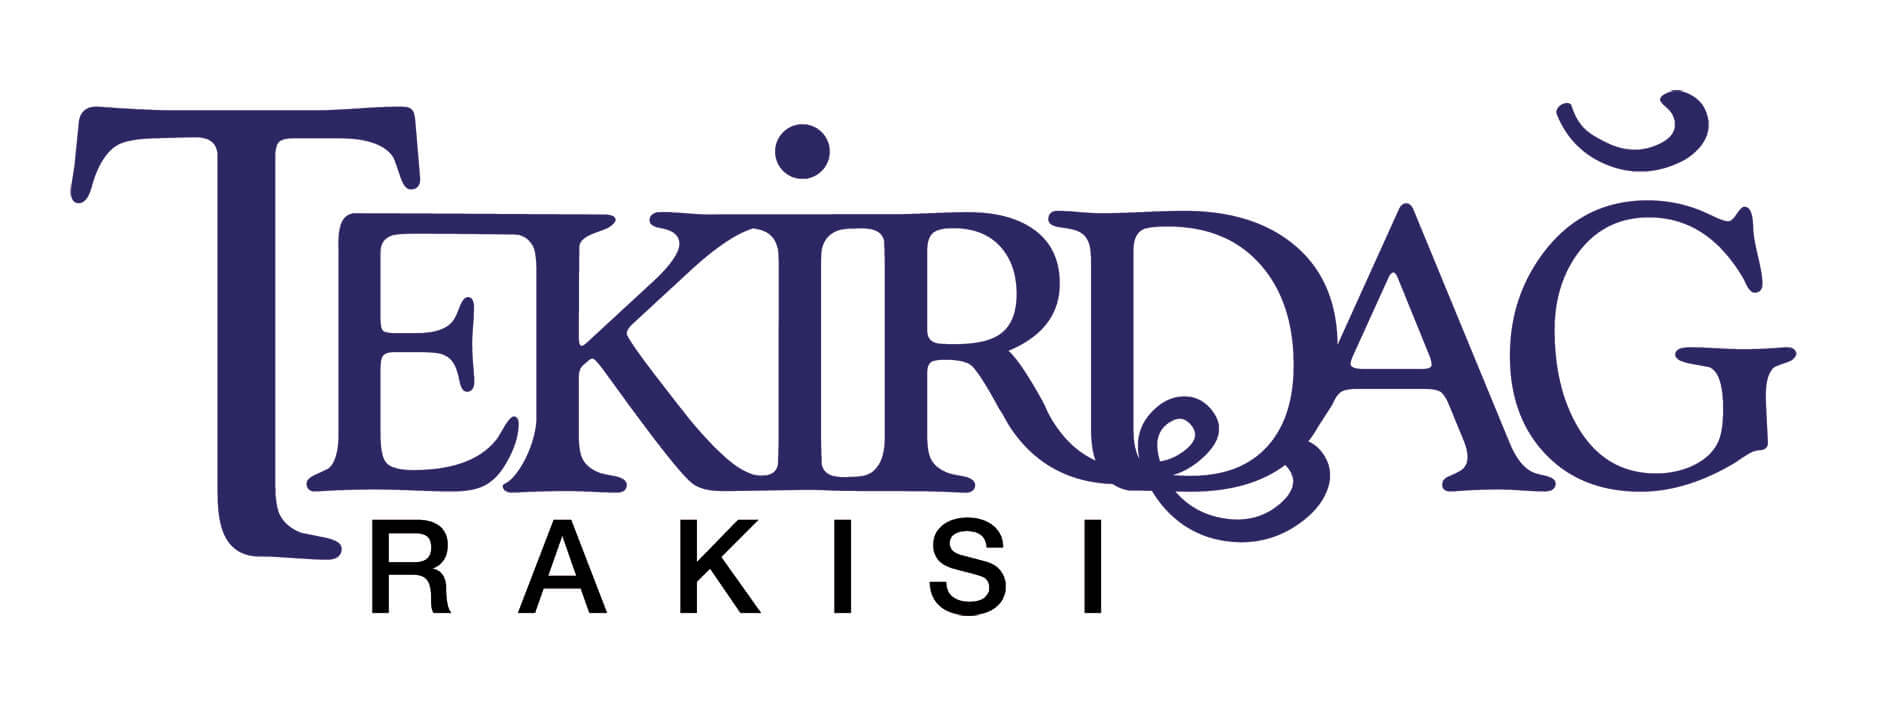 شعار تيكيرداغ راكي